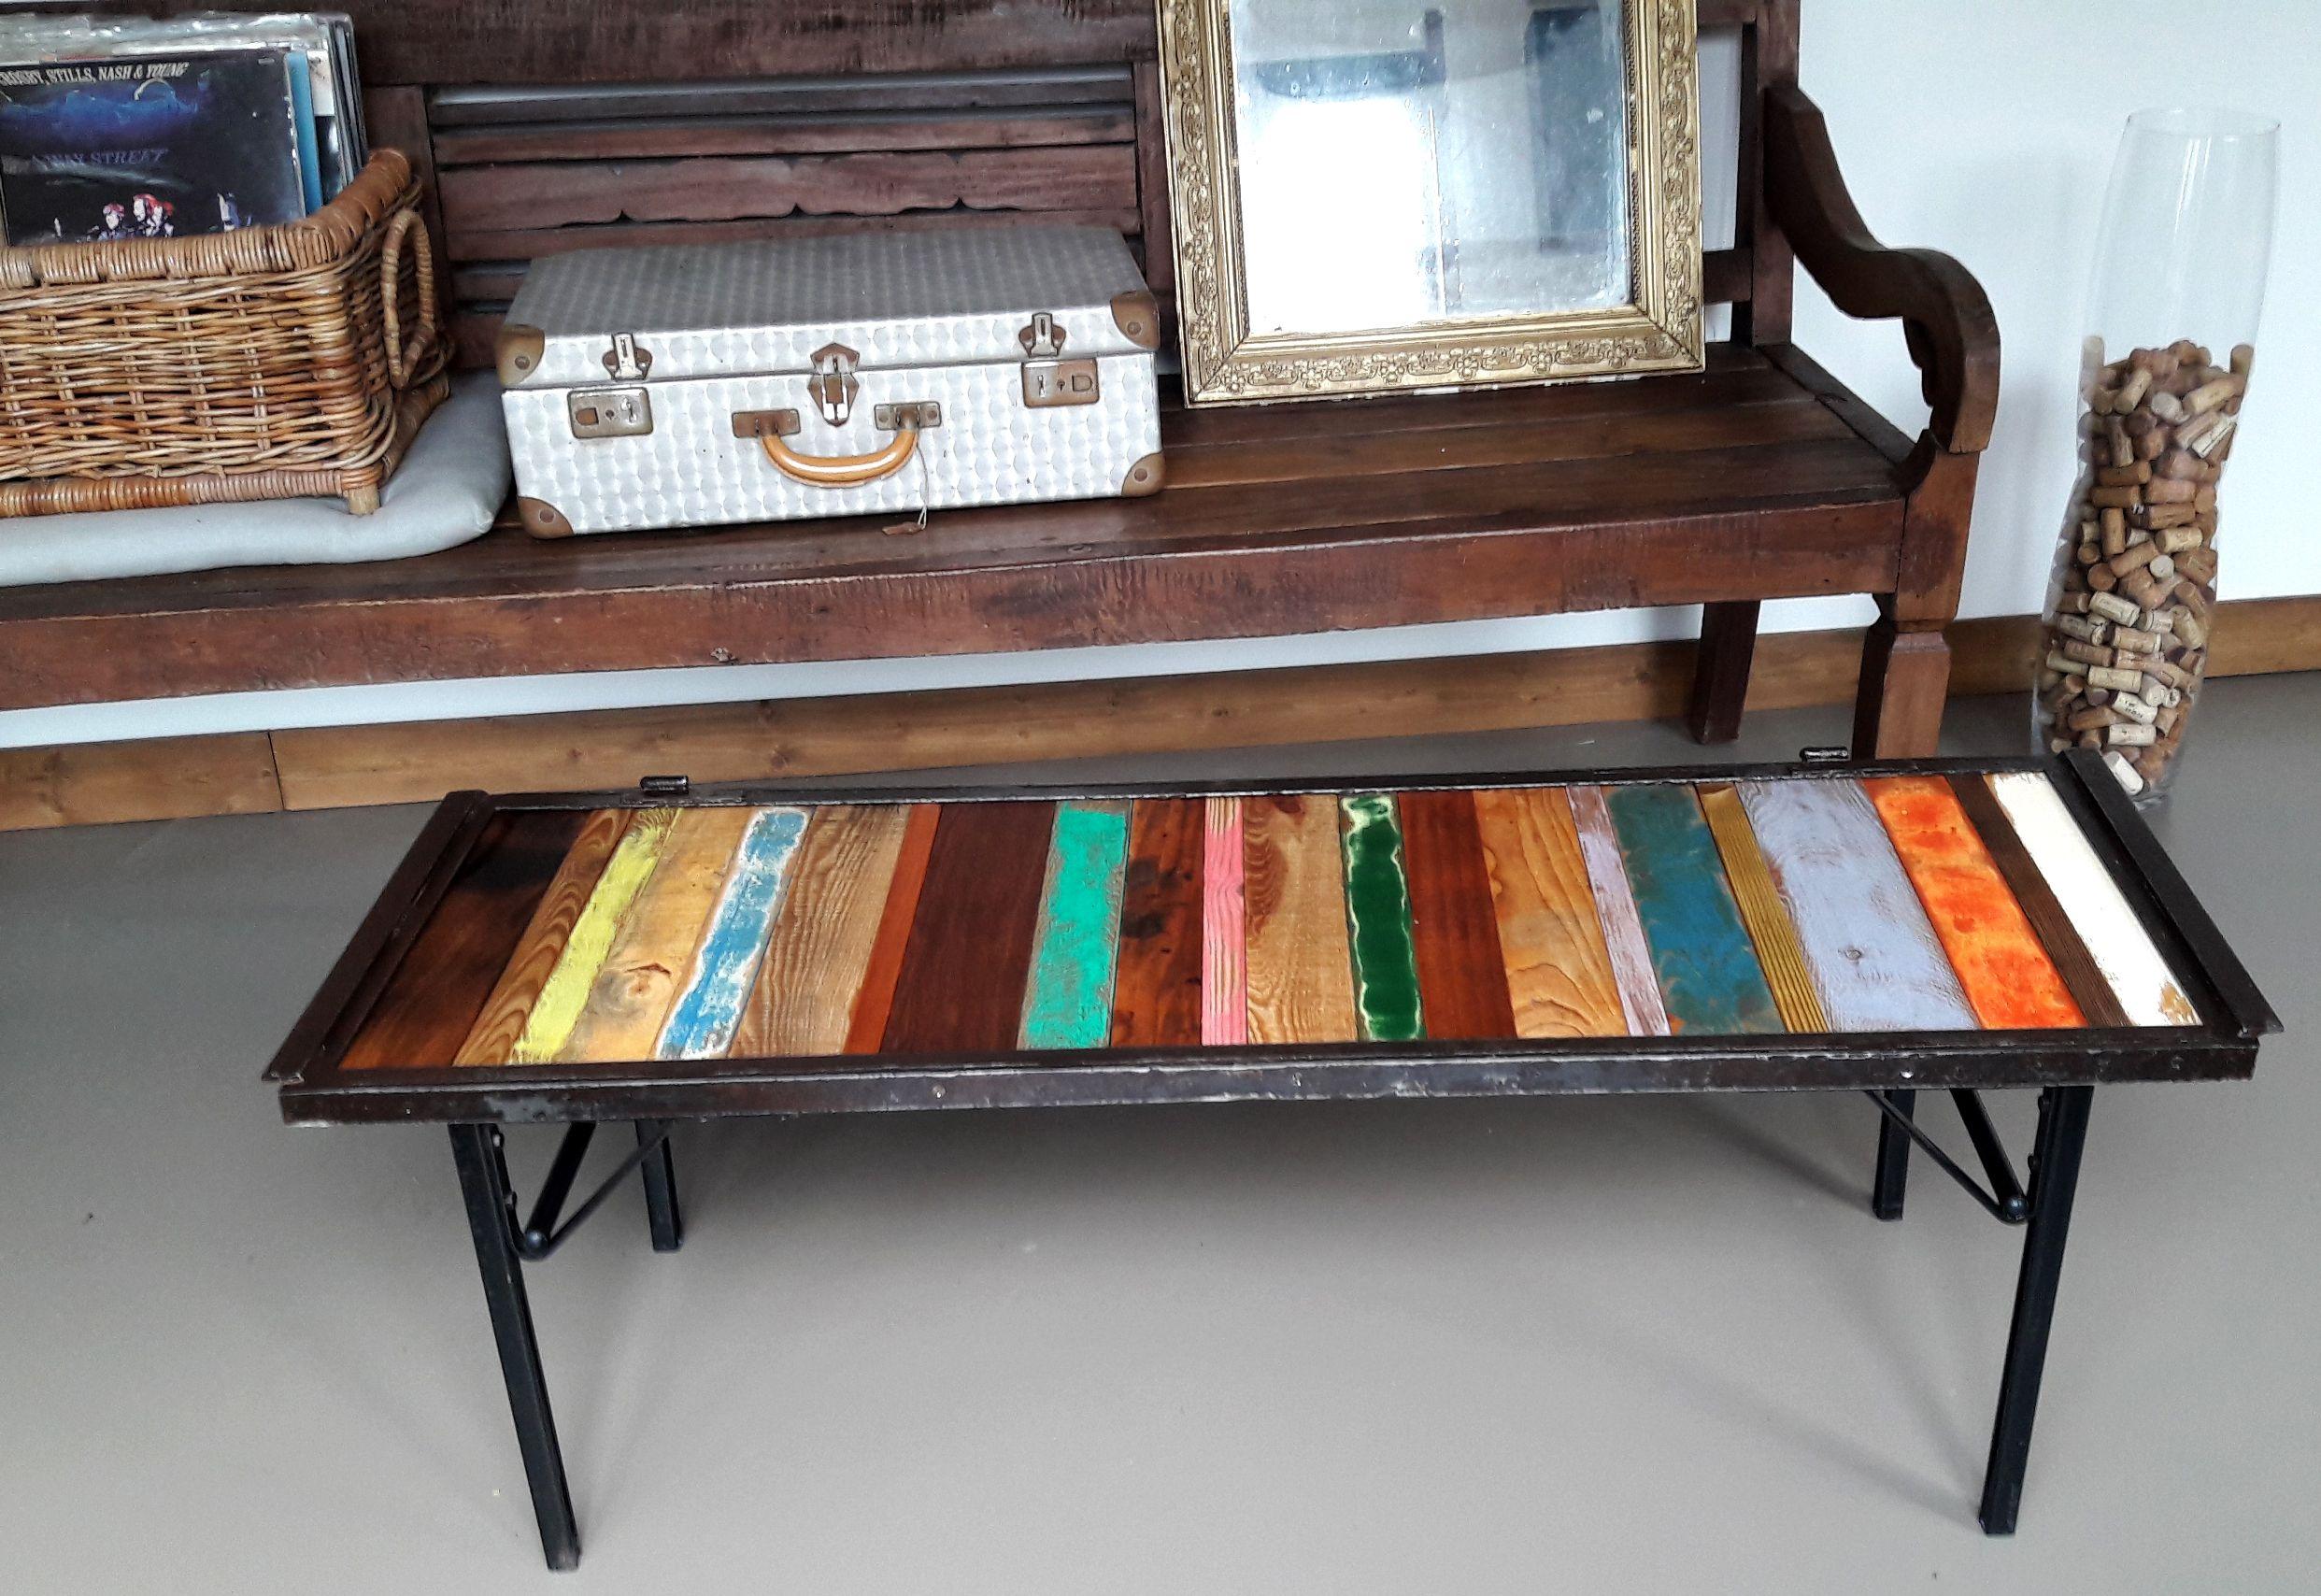 1908e0b7590f9820609965e7dacd85e7 Incroyable De Table Basse Anglais Conception